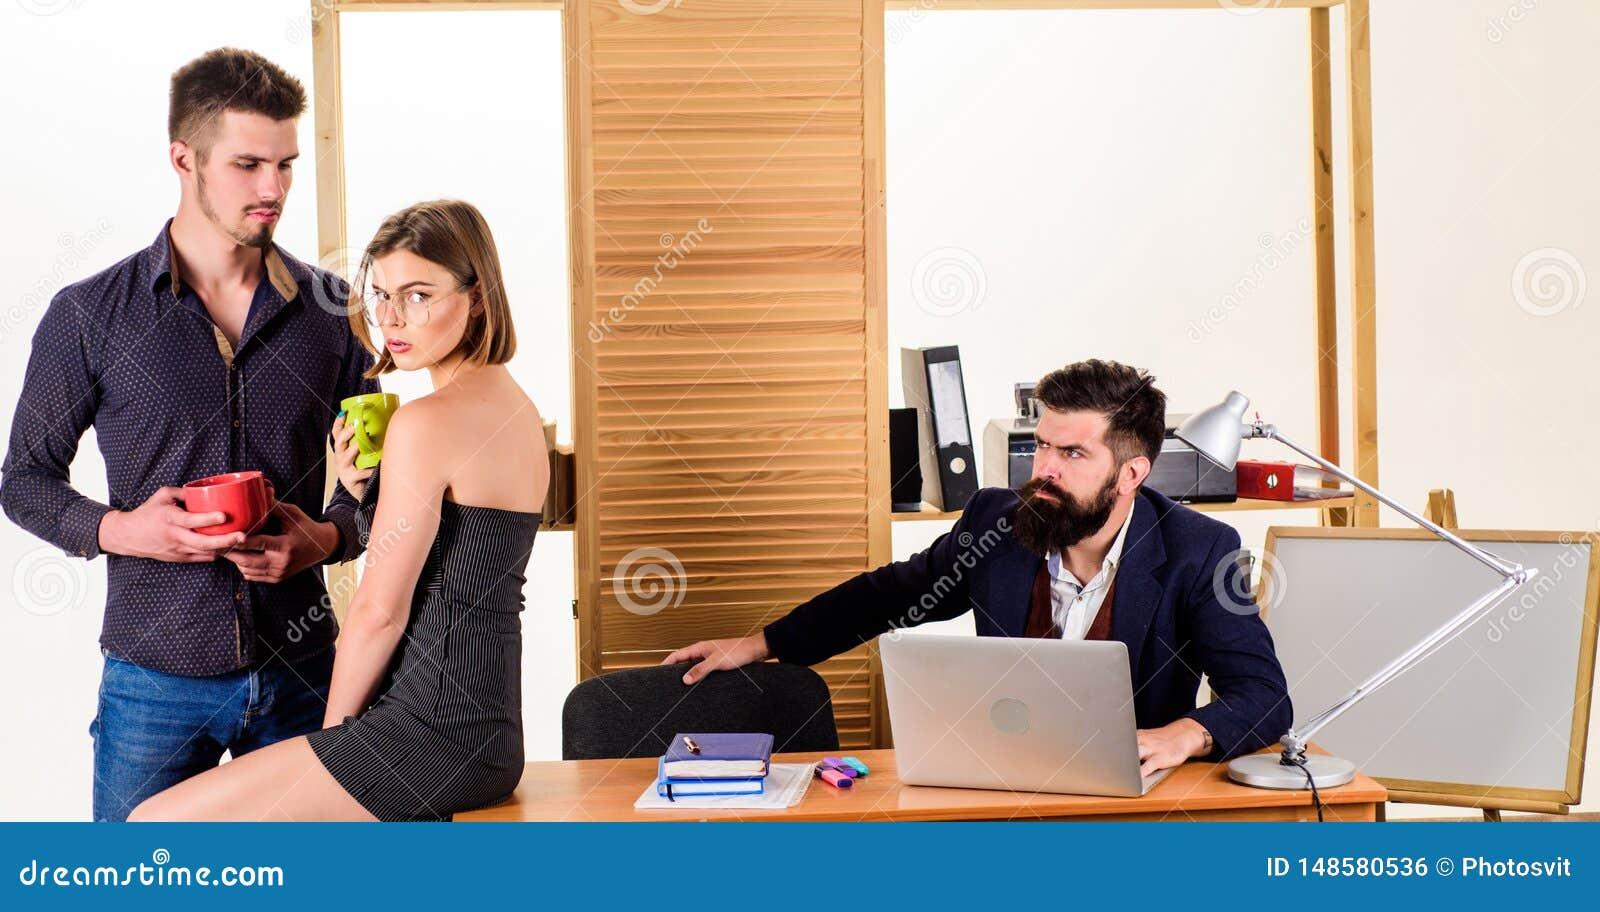 Odpoczynek jest mus dla my M?odzi coworkers cieszy si? spoczynkow? przerw? przy prac? Kierownicy pije herbaty w spoczynkowej godz